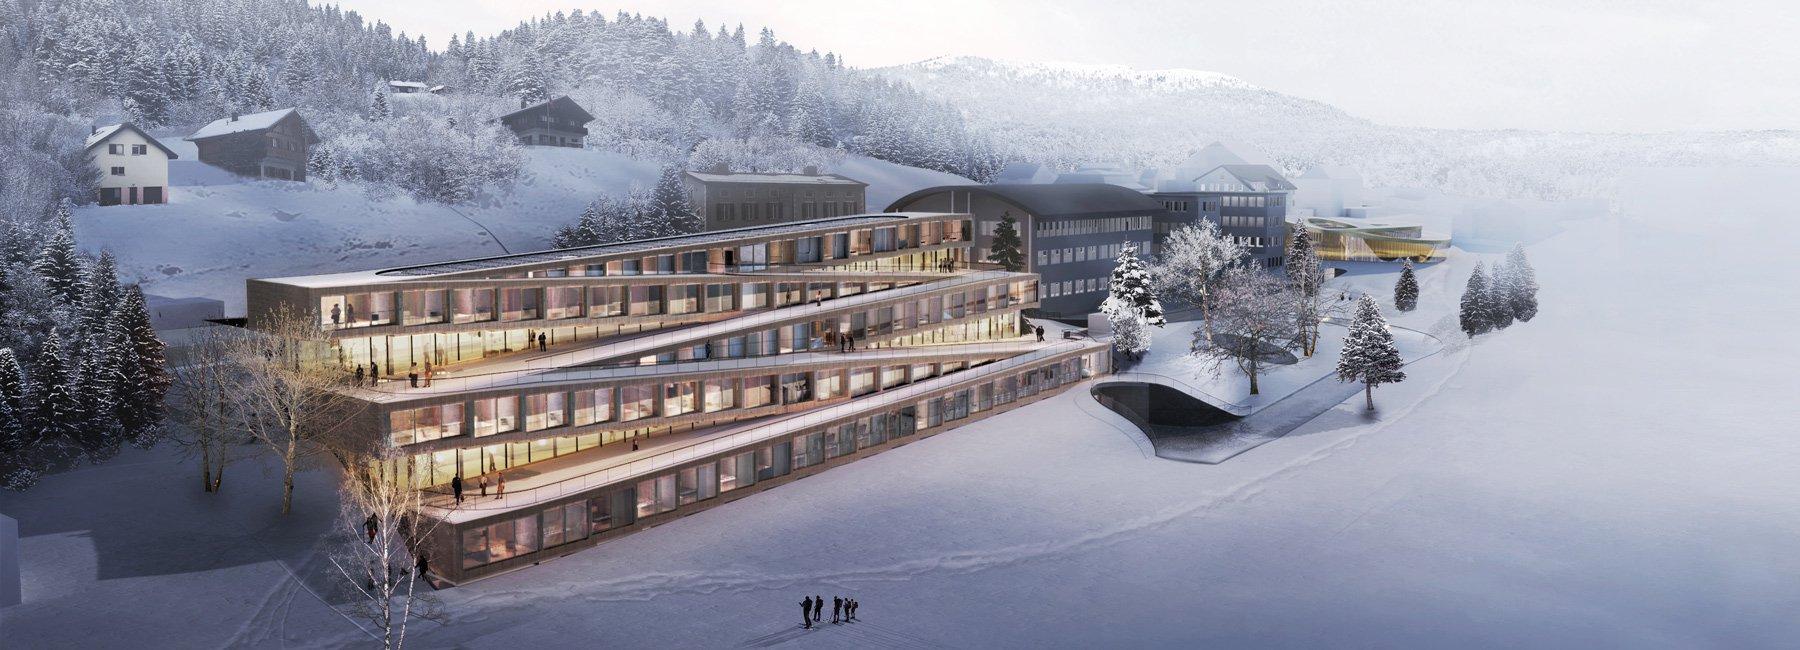 bjarke-ingels-group-BIG-audemars-piquet-hotel-des-horlogers-switzerland-designboom-1800